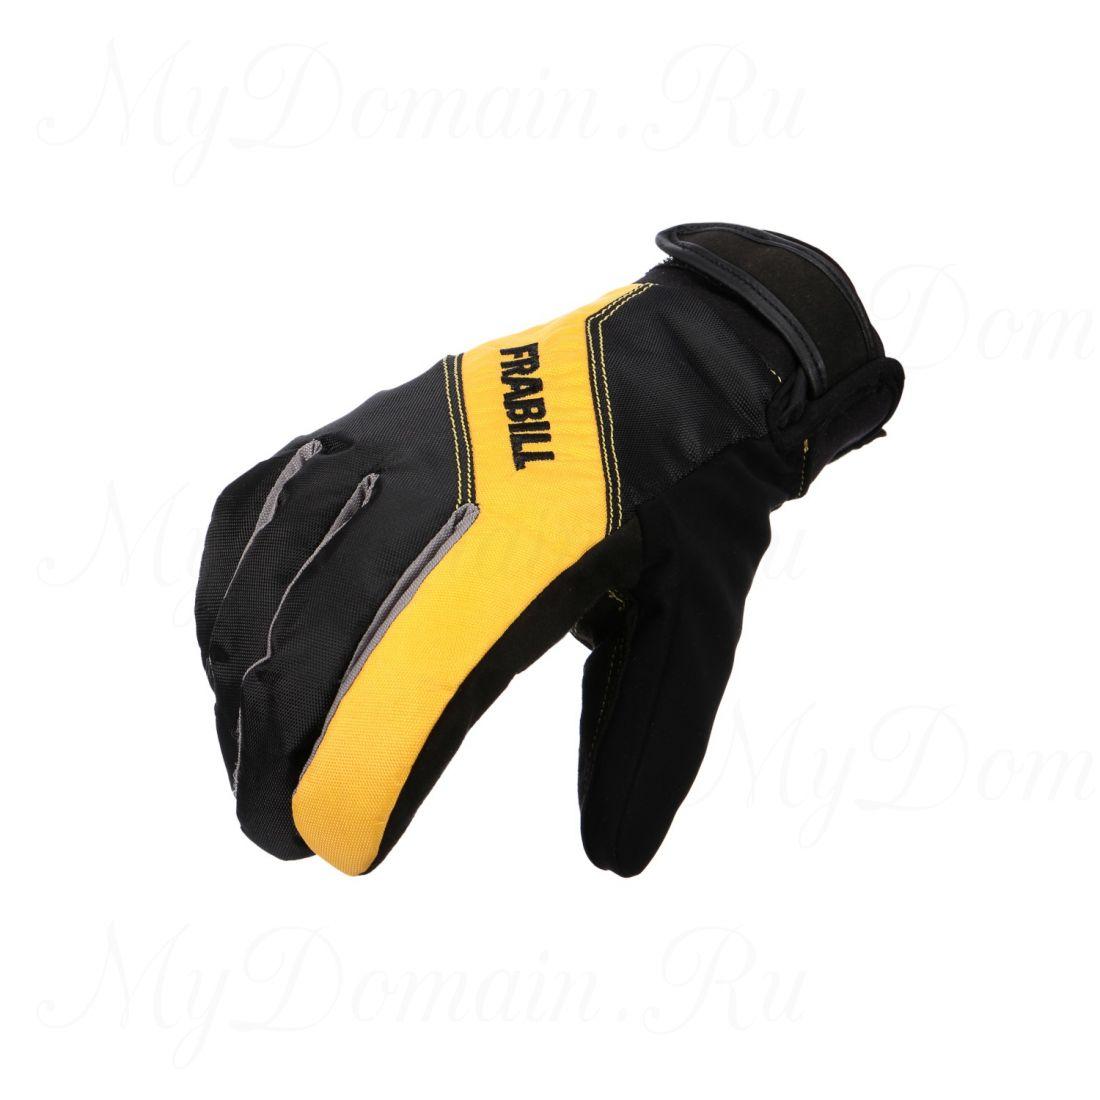 Перчатки Frabill Task Glove ALP водо/ветрозащитные дышащие черные размер XL